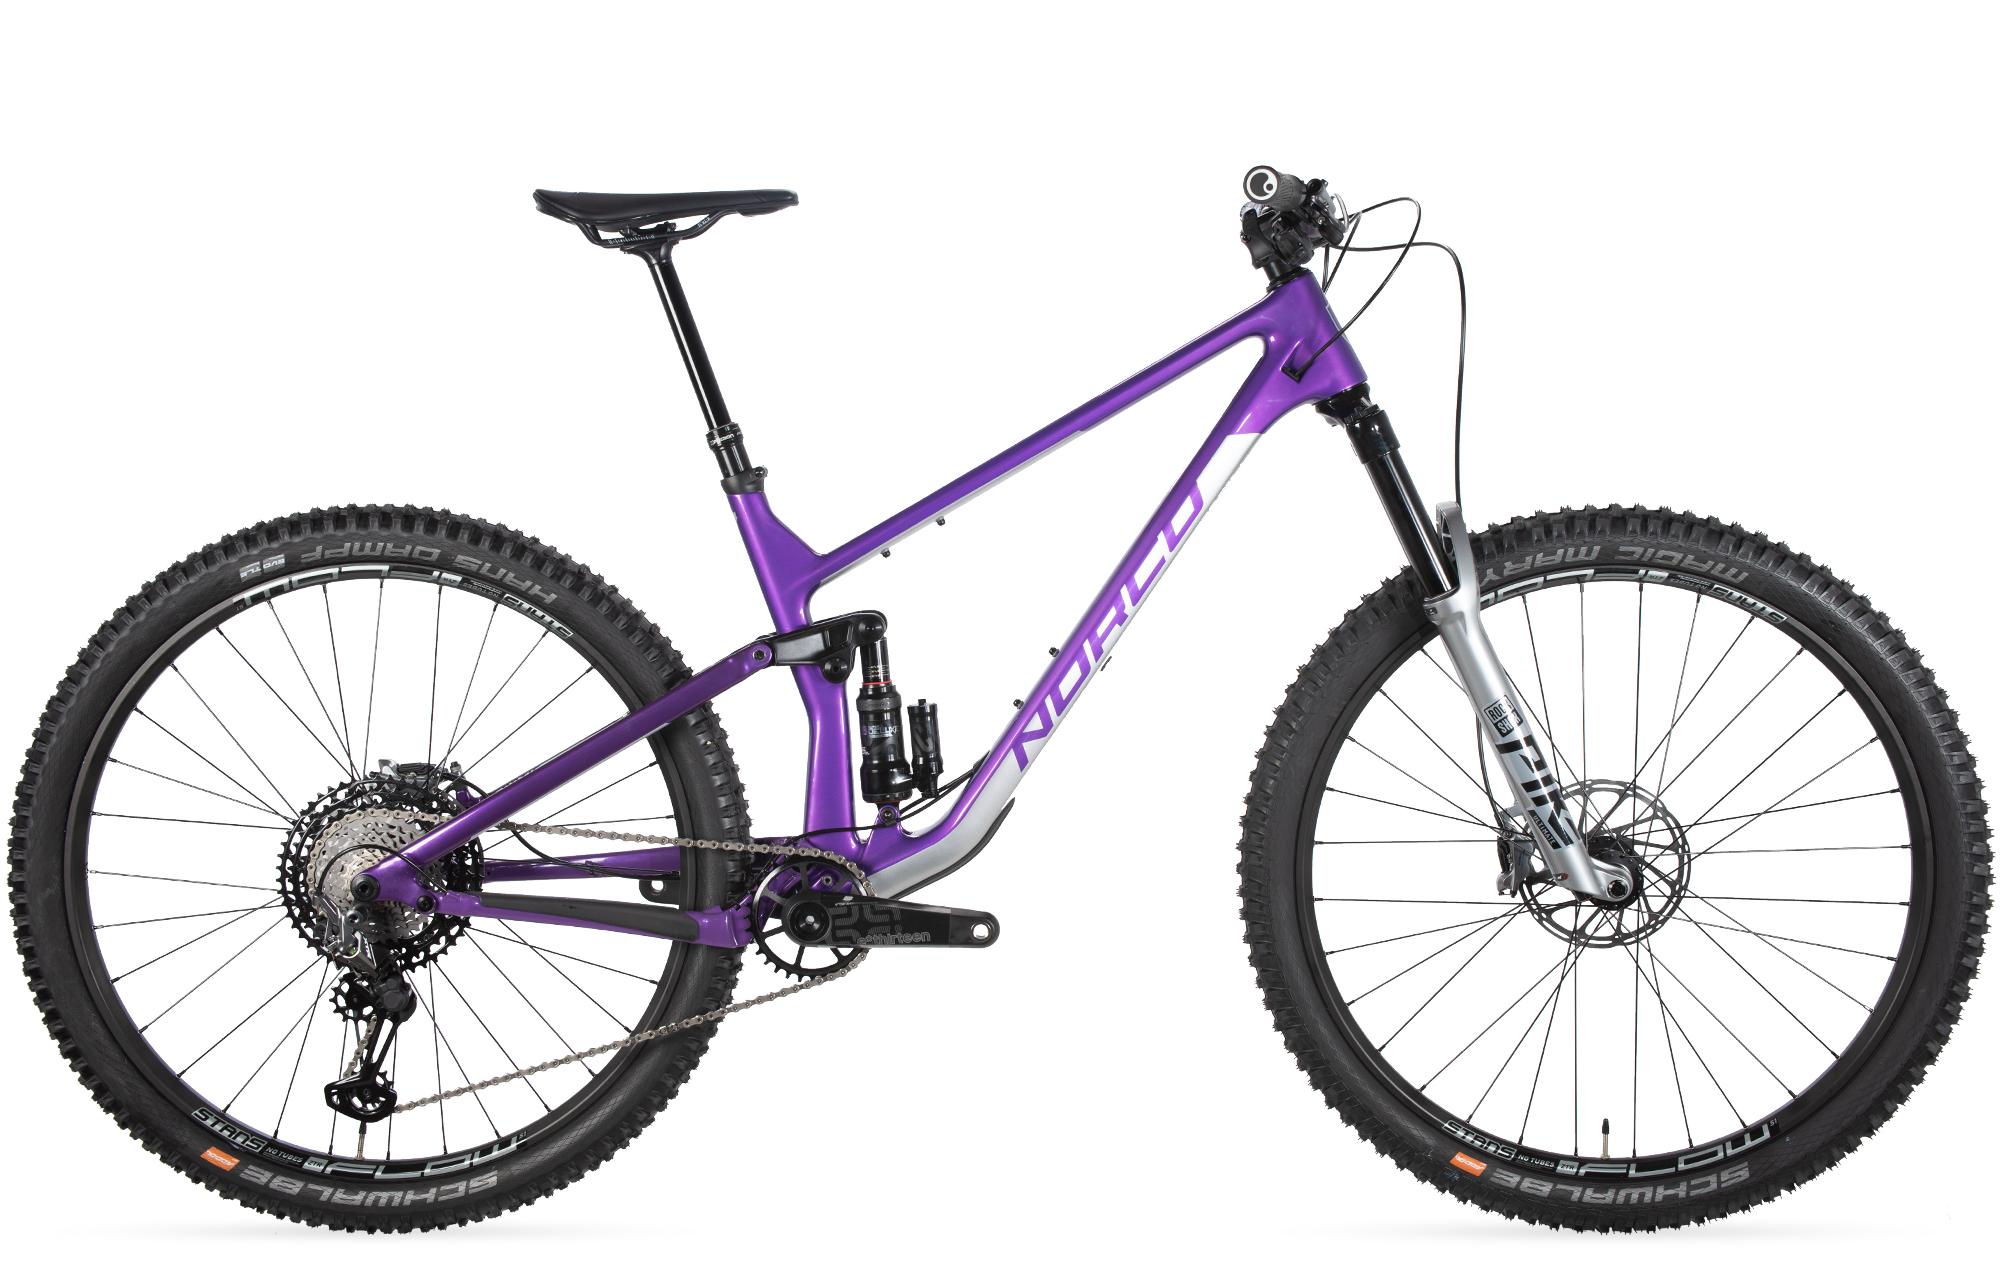 Norco Optic C1 AXS bike